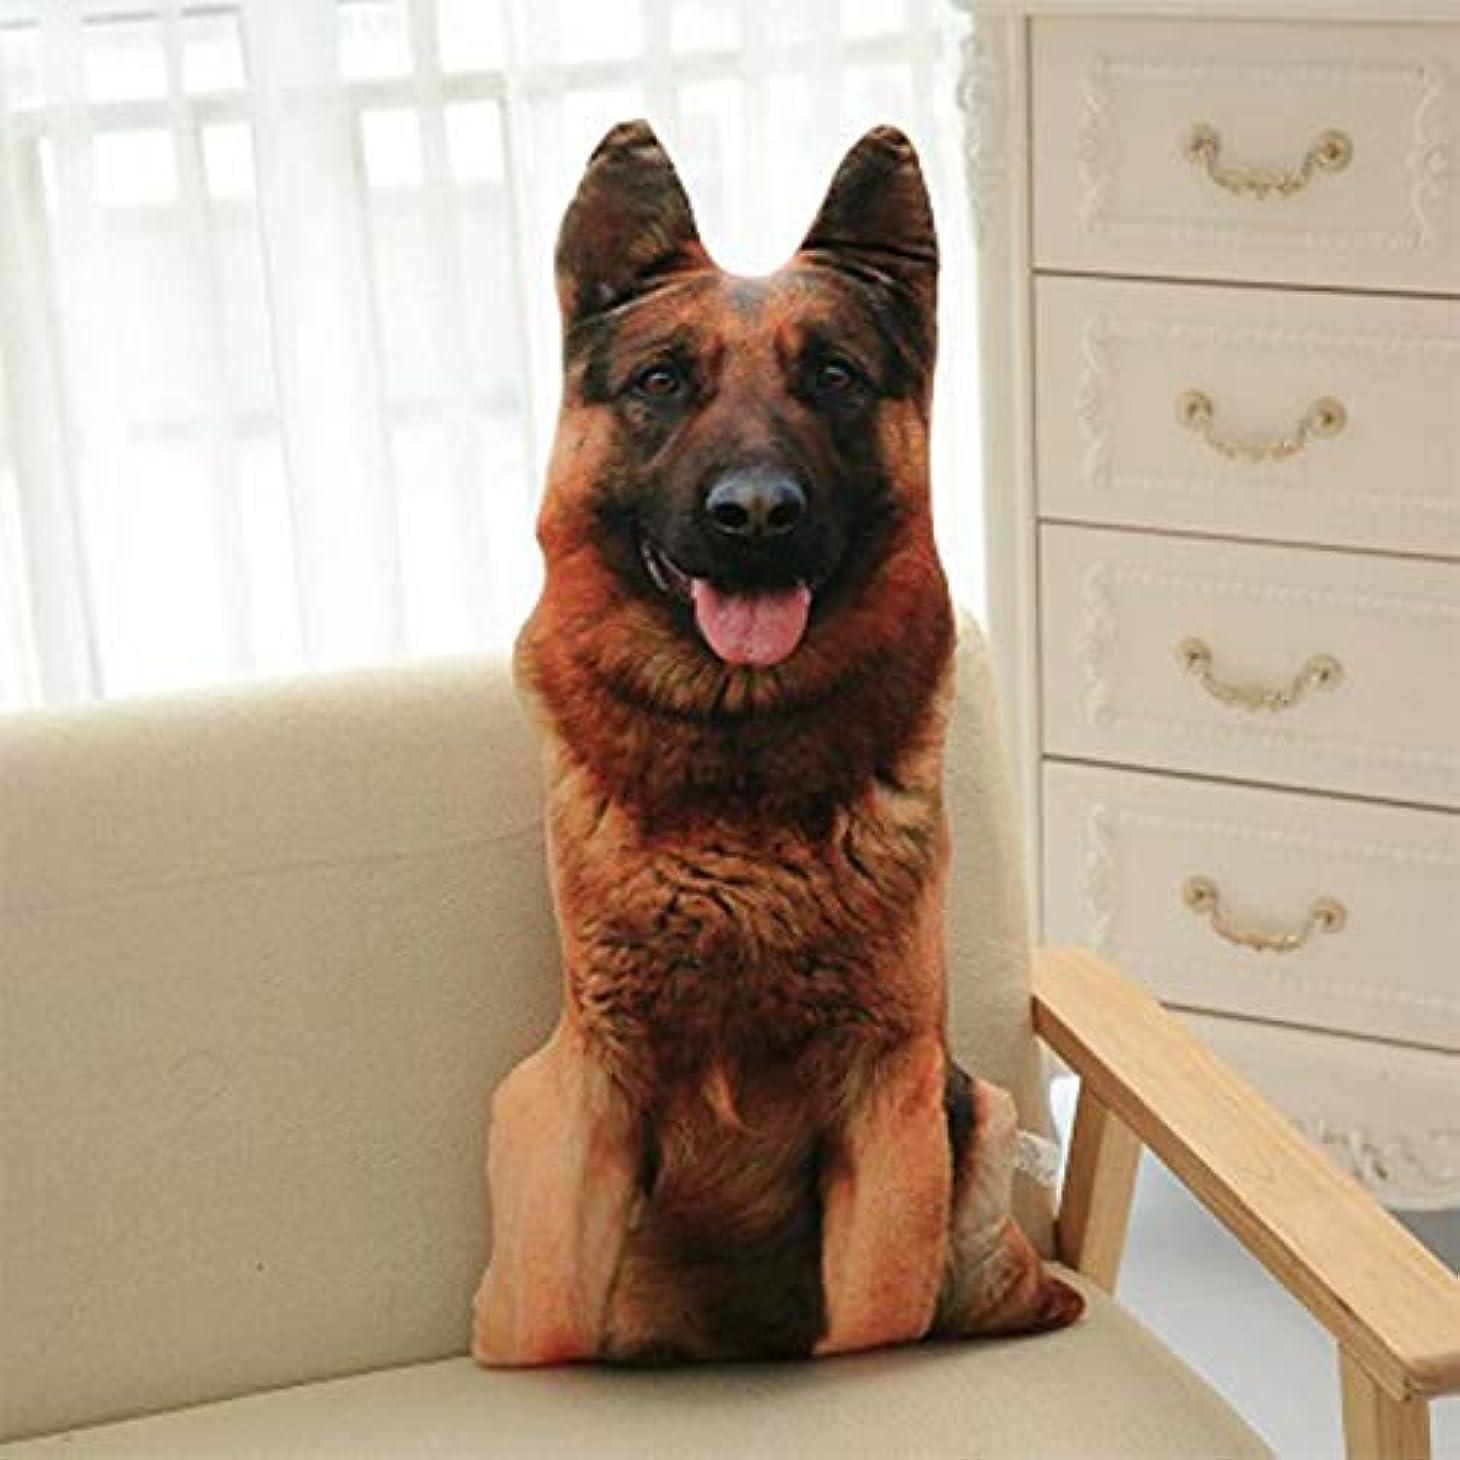 寄付アーチ差し引くLIFE 3D プリントシミュレーション犬ぬいぐるみクッションぬいぐるみ犬ぬいぐるみ枕ぬいぐるみの漫画クッションキッズ人形ベストギフト クッション 椅子